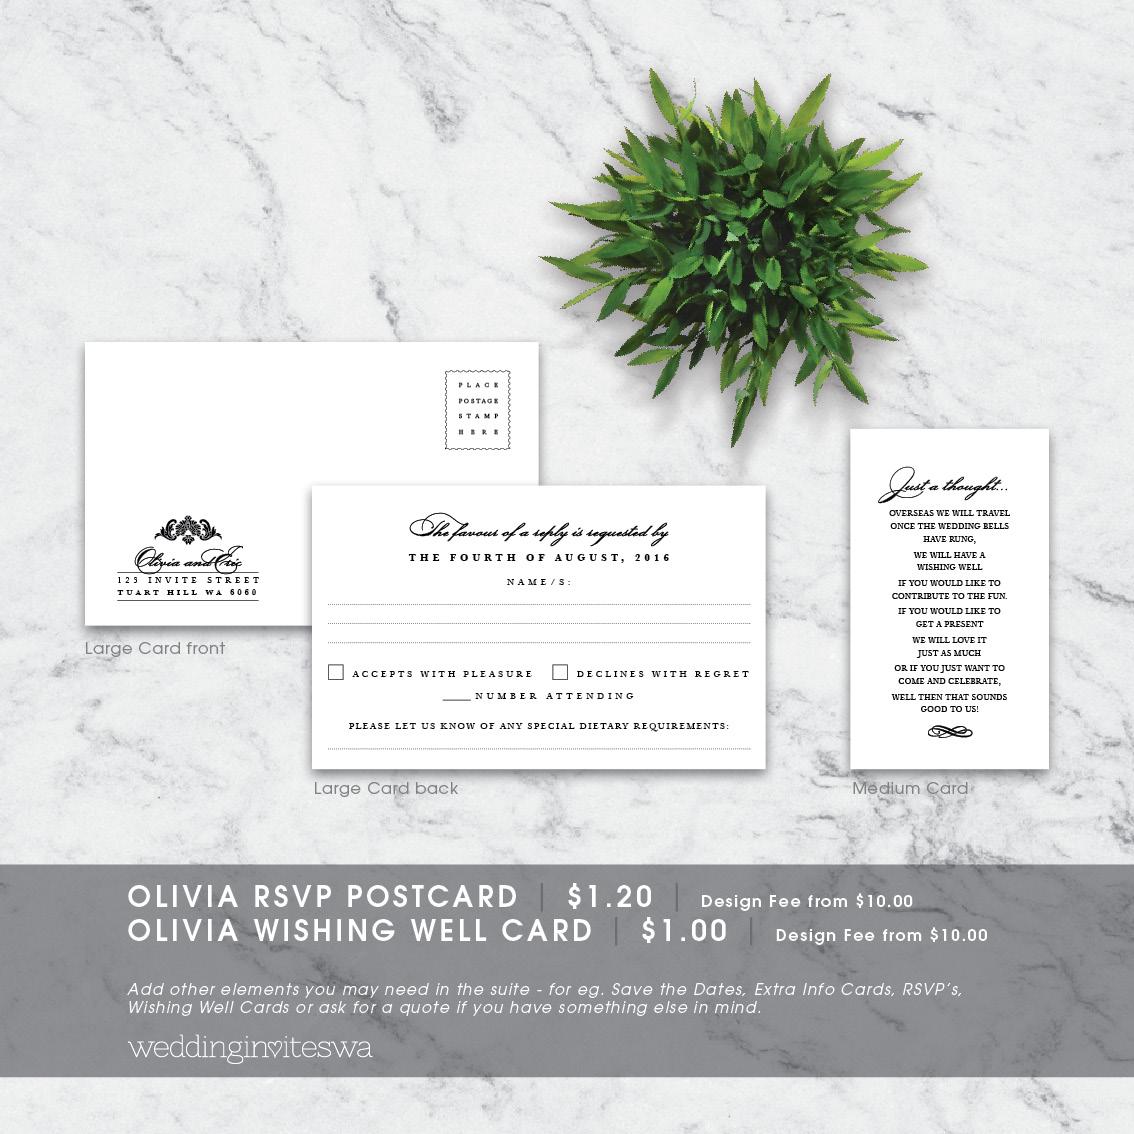 OLIVIA_extra cards